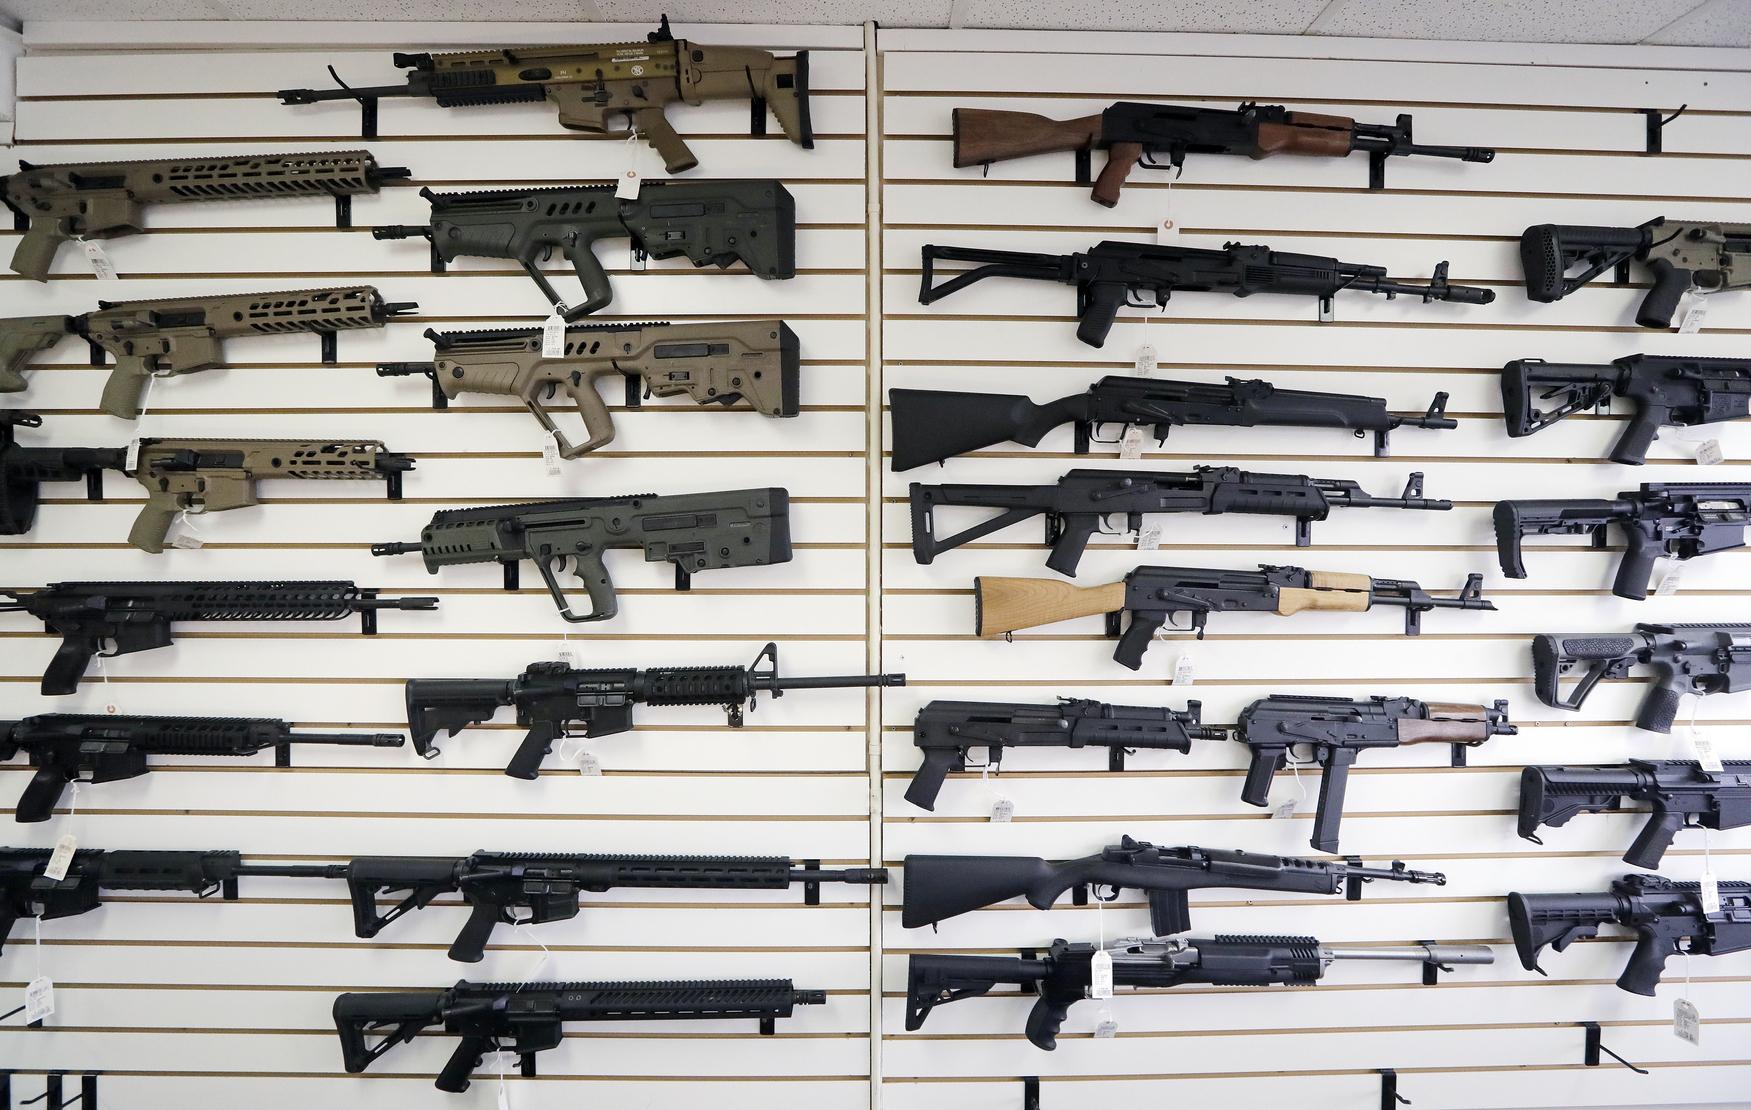 rifles on a wall at a gun shop